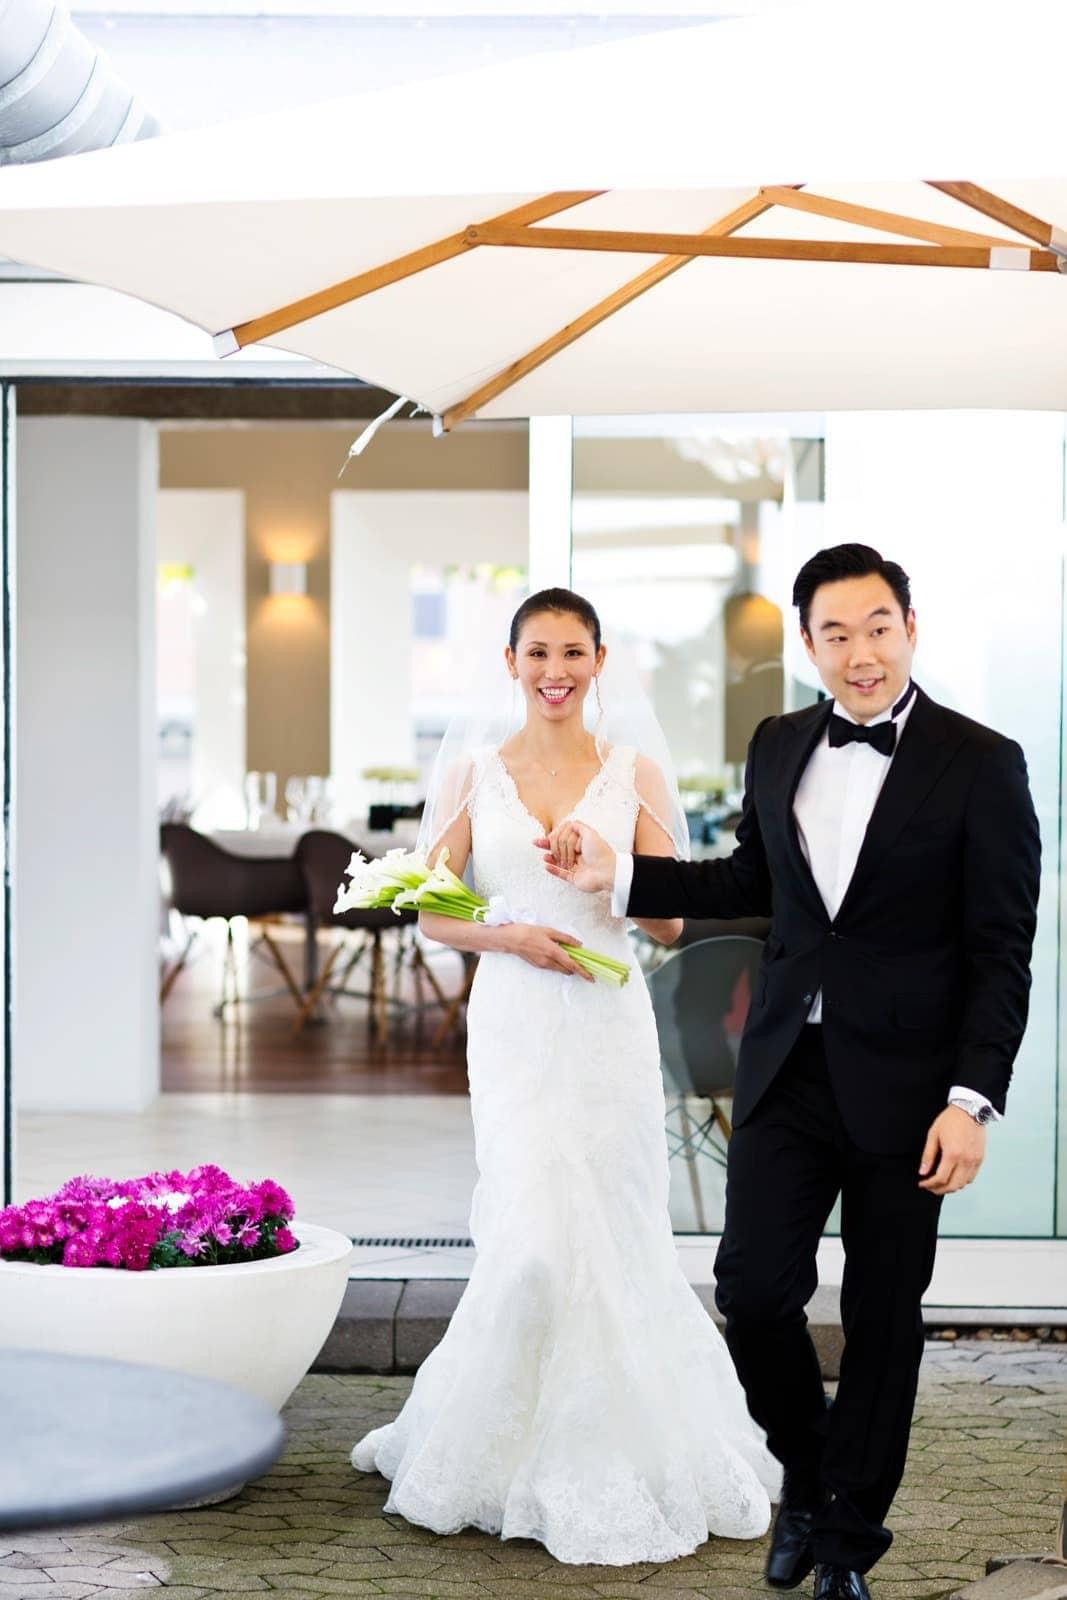 Bryllupsreception - Restarant Paustian